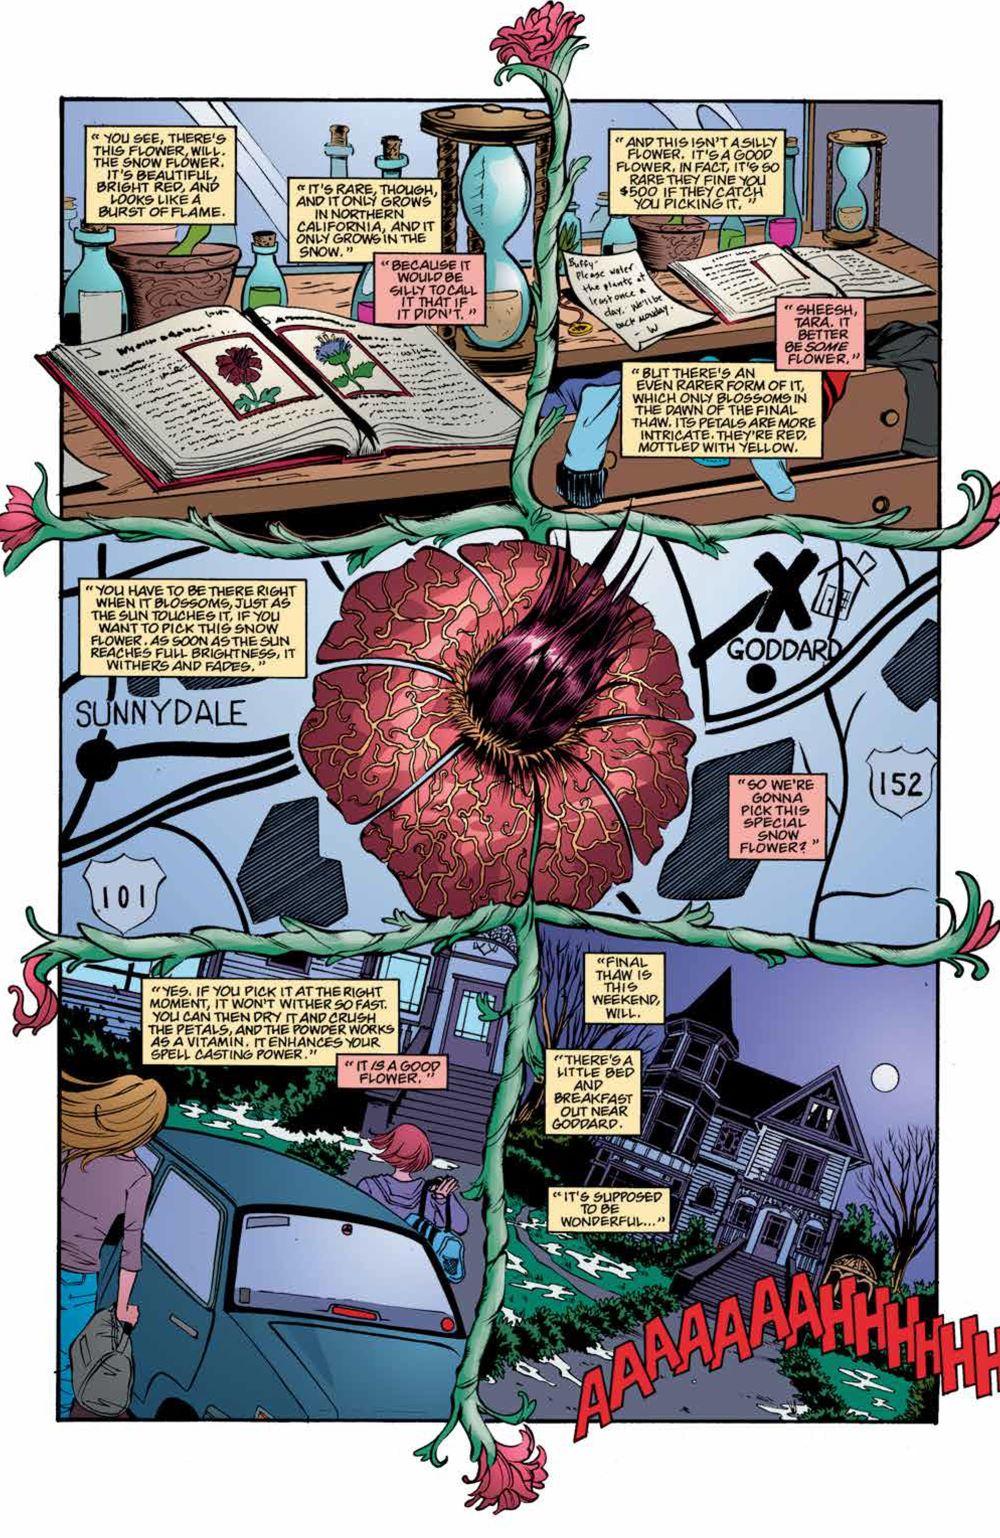 Buffy_Legacy_v4_SC_PRESS_17 ComicList Previews: BUFFY THE VAMPIRE SLAYER LEGACY EDITION VOLUME 4 SC